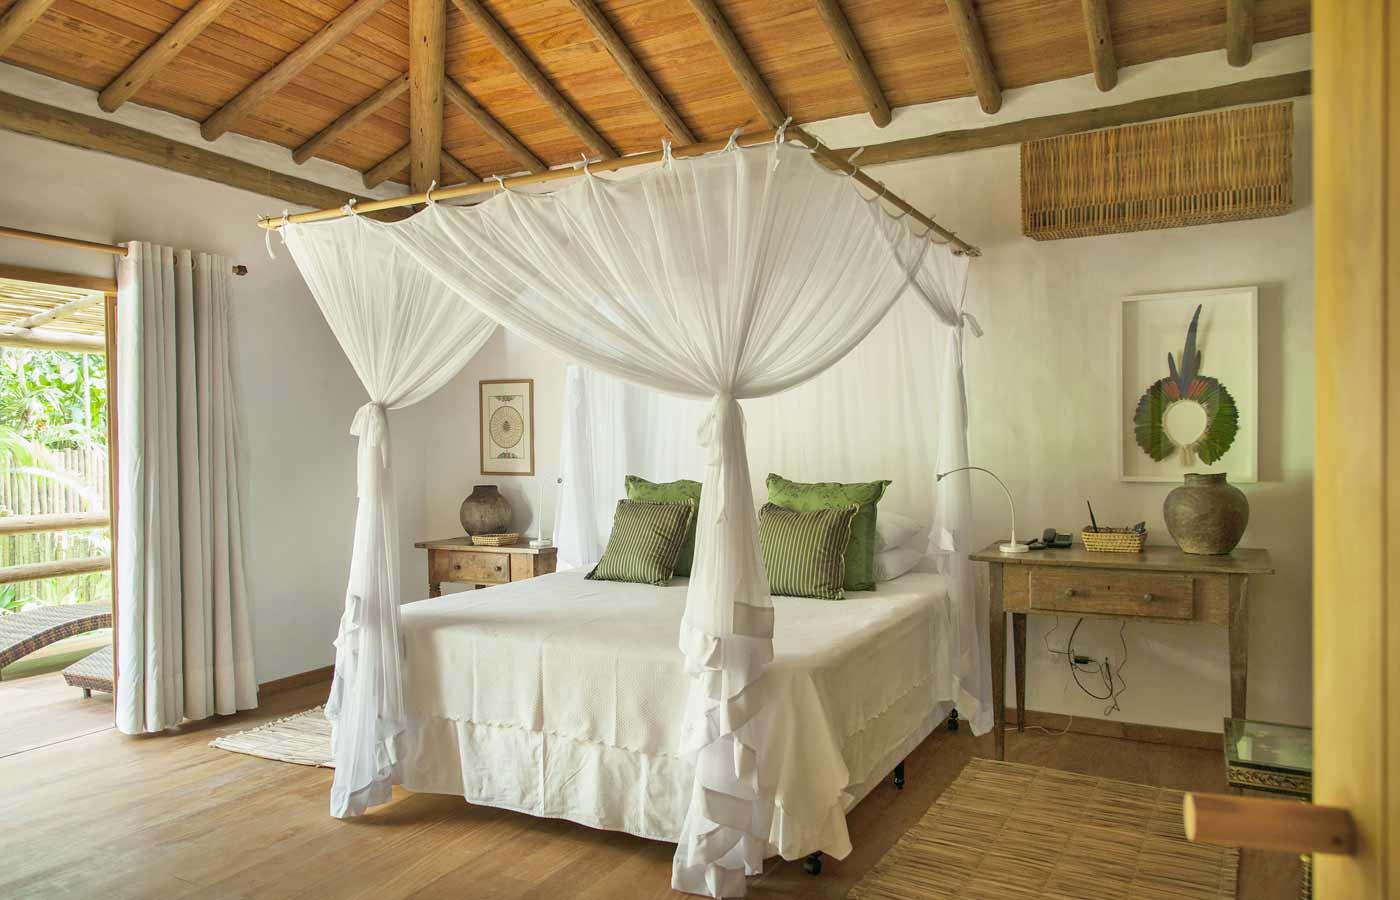 Etnia Pousada and Boutique - Luxury holidays to Trancoso, Brazil